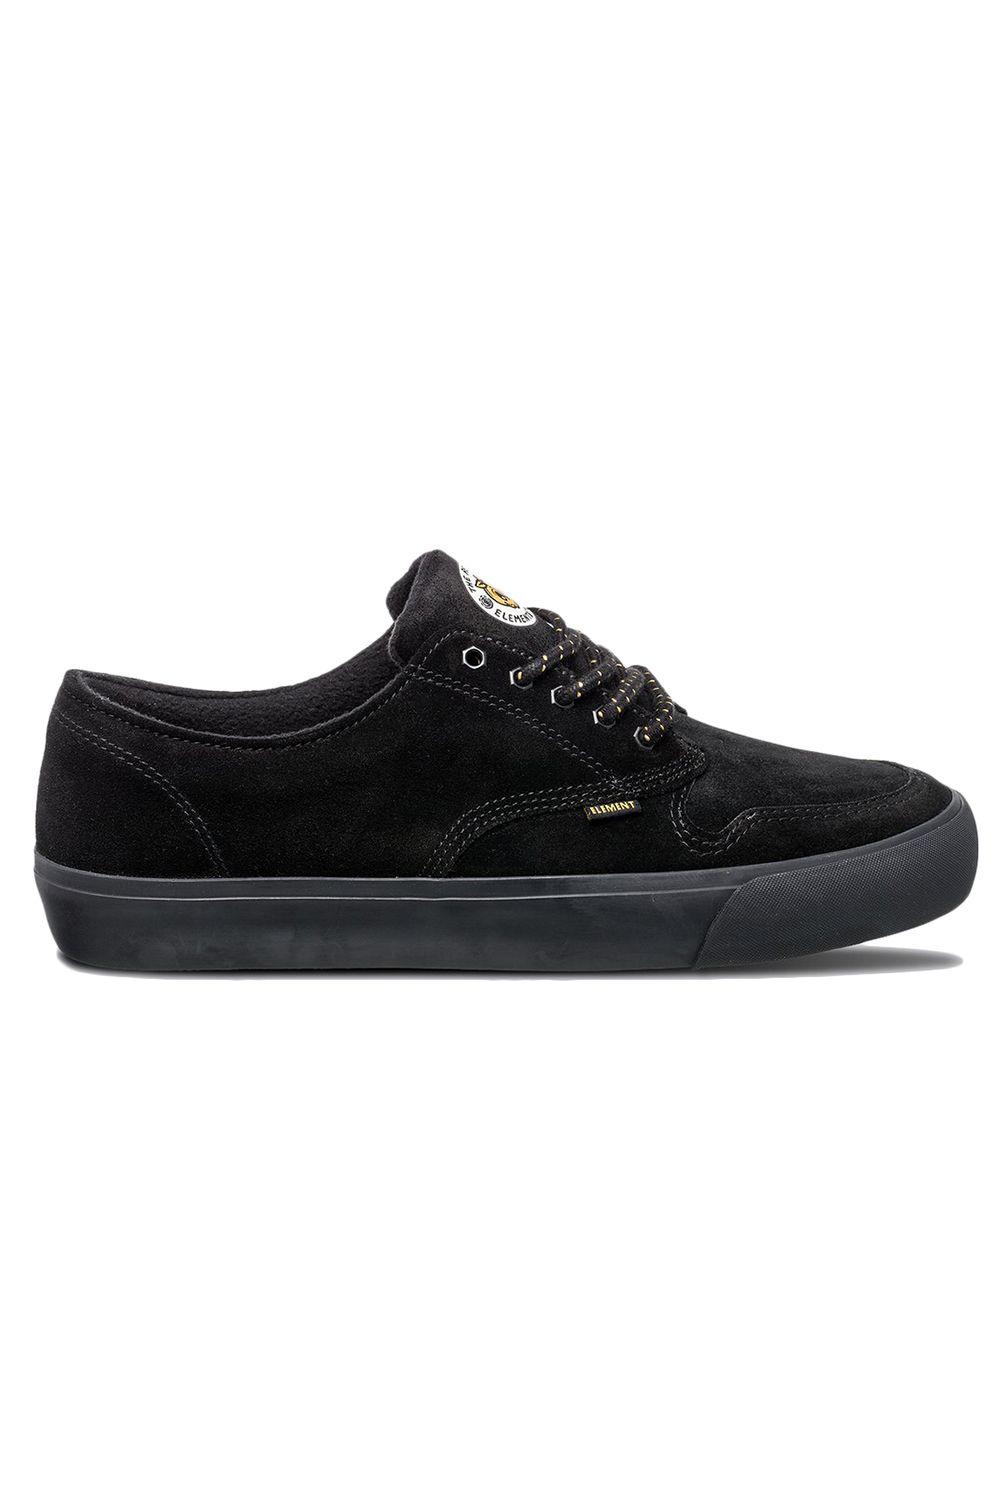 Element Shoes TOPAZ C3 Flint Black